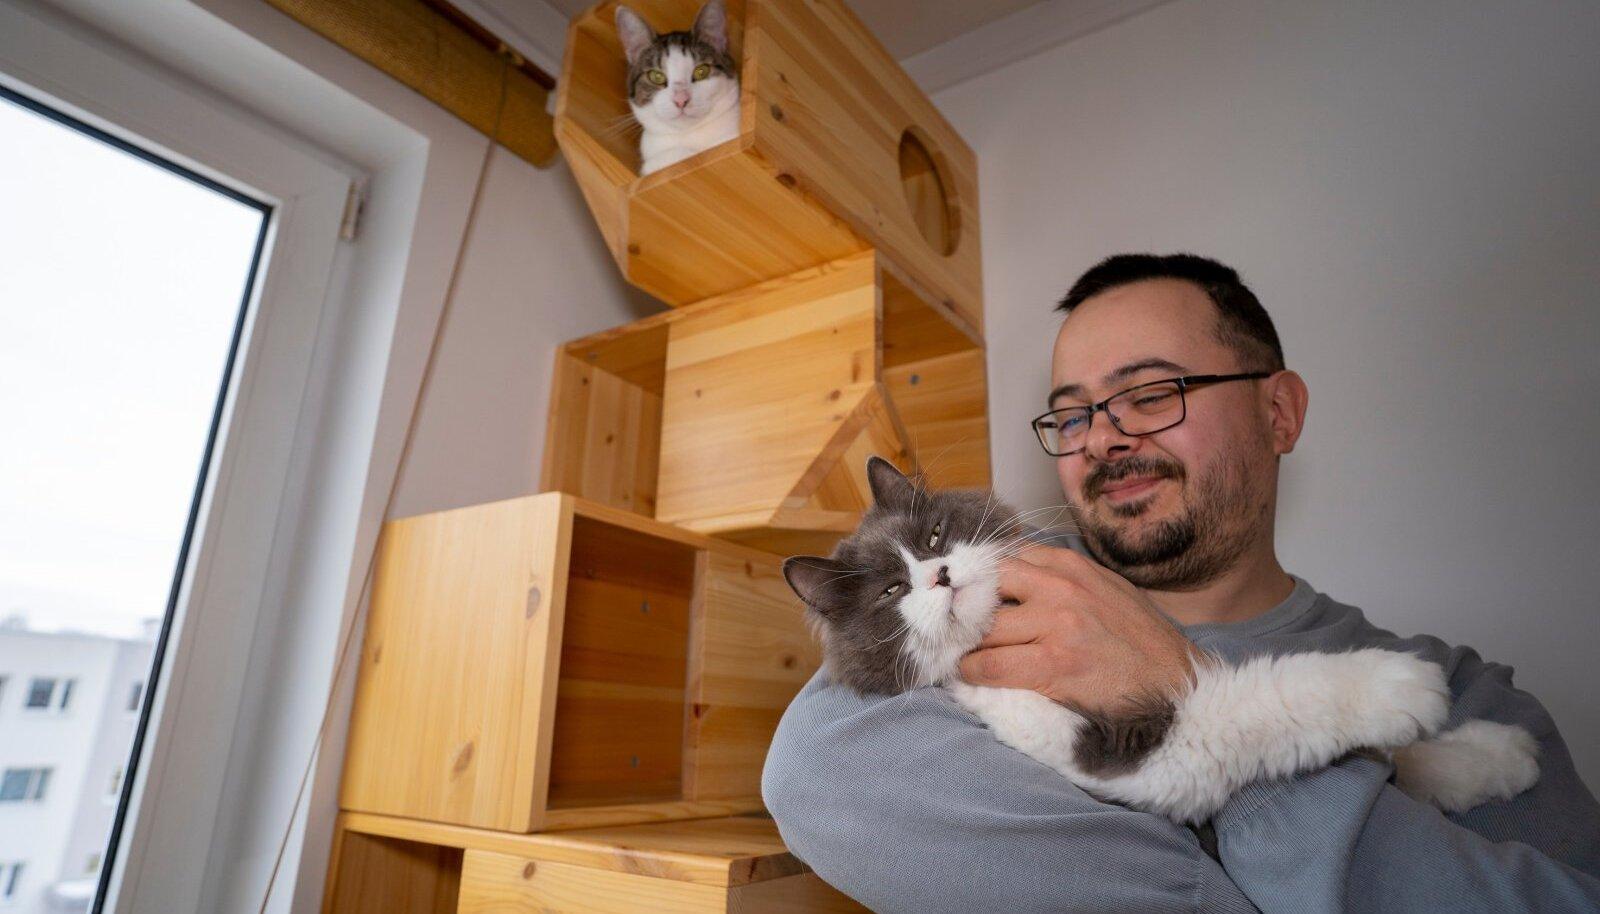 Haapsalus elav Ilshat Garipov valmistab kassidele moodulmaju ja müüb neid kõikjale maailma. Ta teab täpselt, milline maja on kassile hea, sest kasse on tal neli. Üks tuli kaasa Peterburist, teised on kohalikud, kes päästetud varjupaigast.